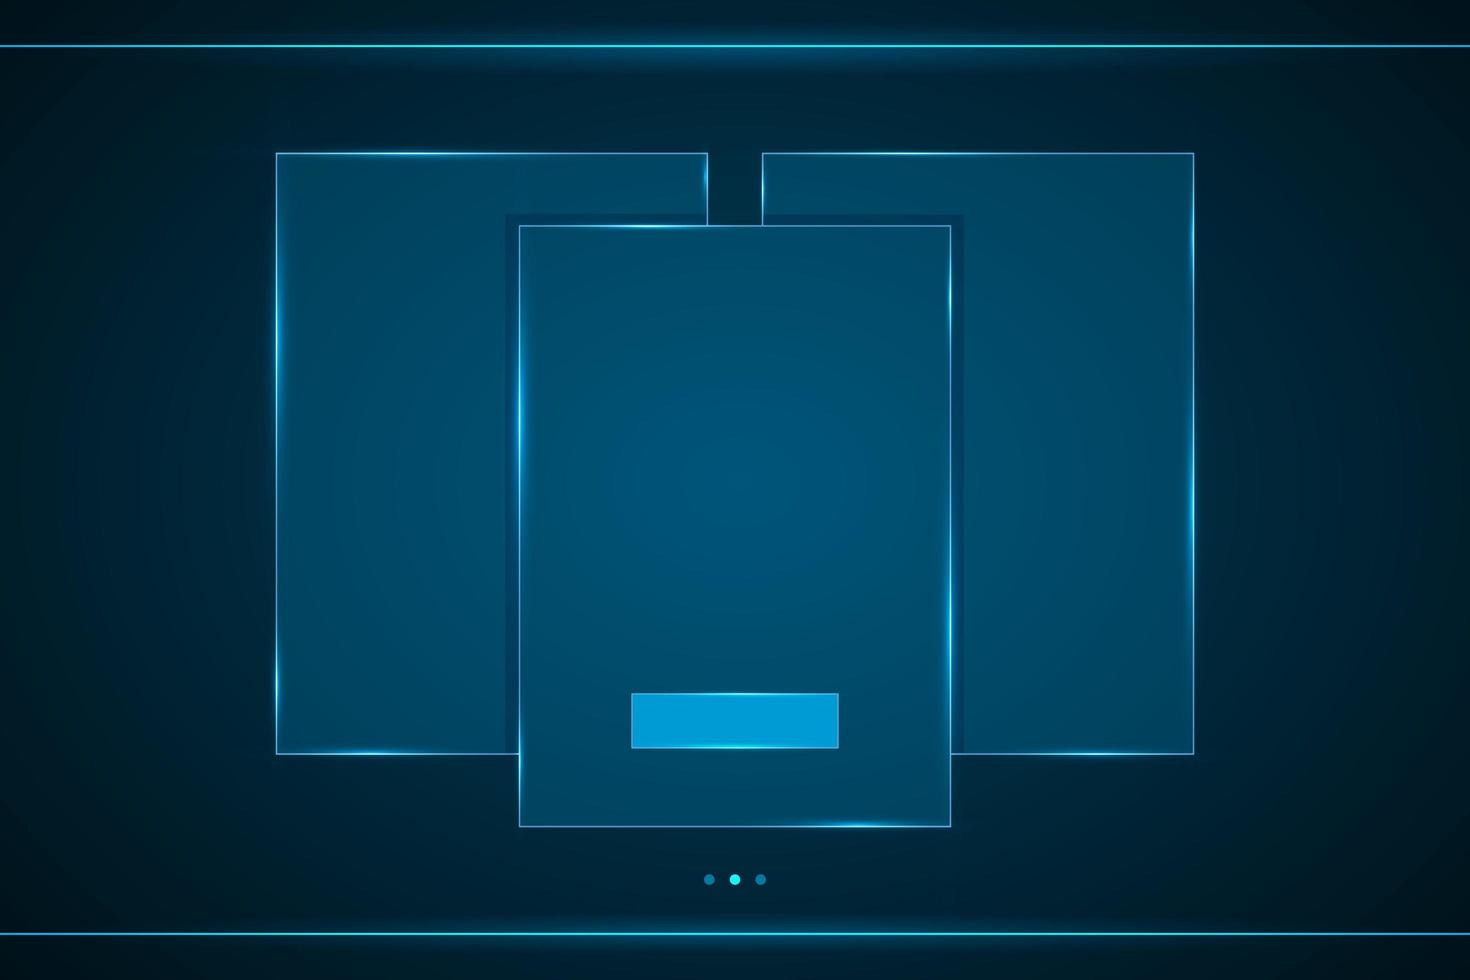 interfaz de tecnología de marco de rectángulo superpuesto hud vector